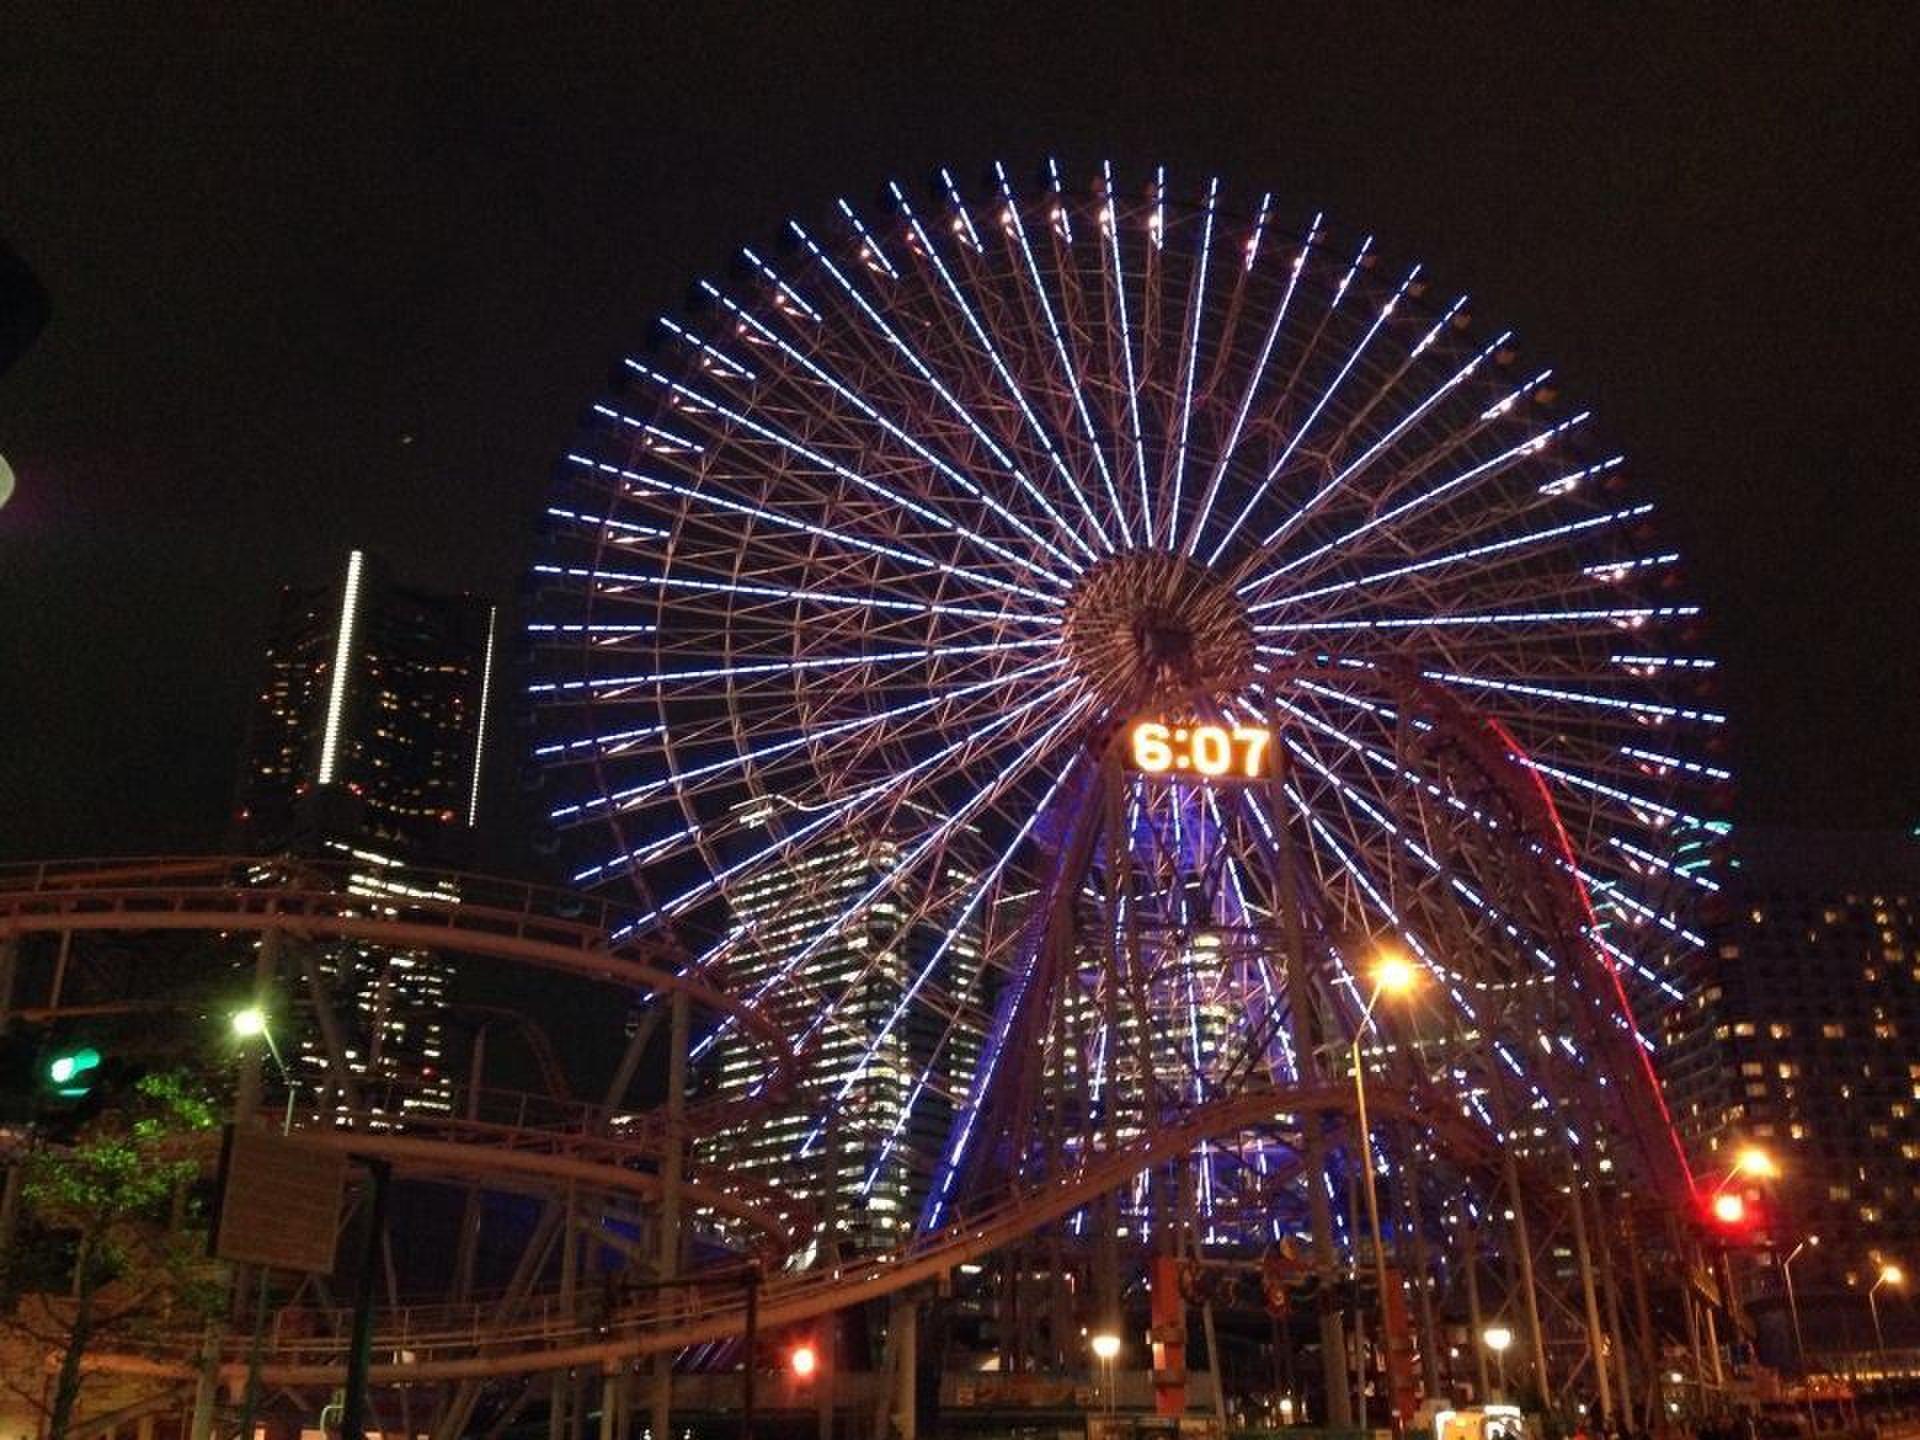 【横浜・みなとみらい!イルミネーション】寒さが苦手でも屋内から見れる夜景デート